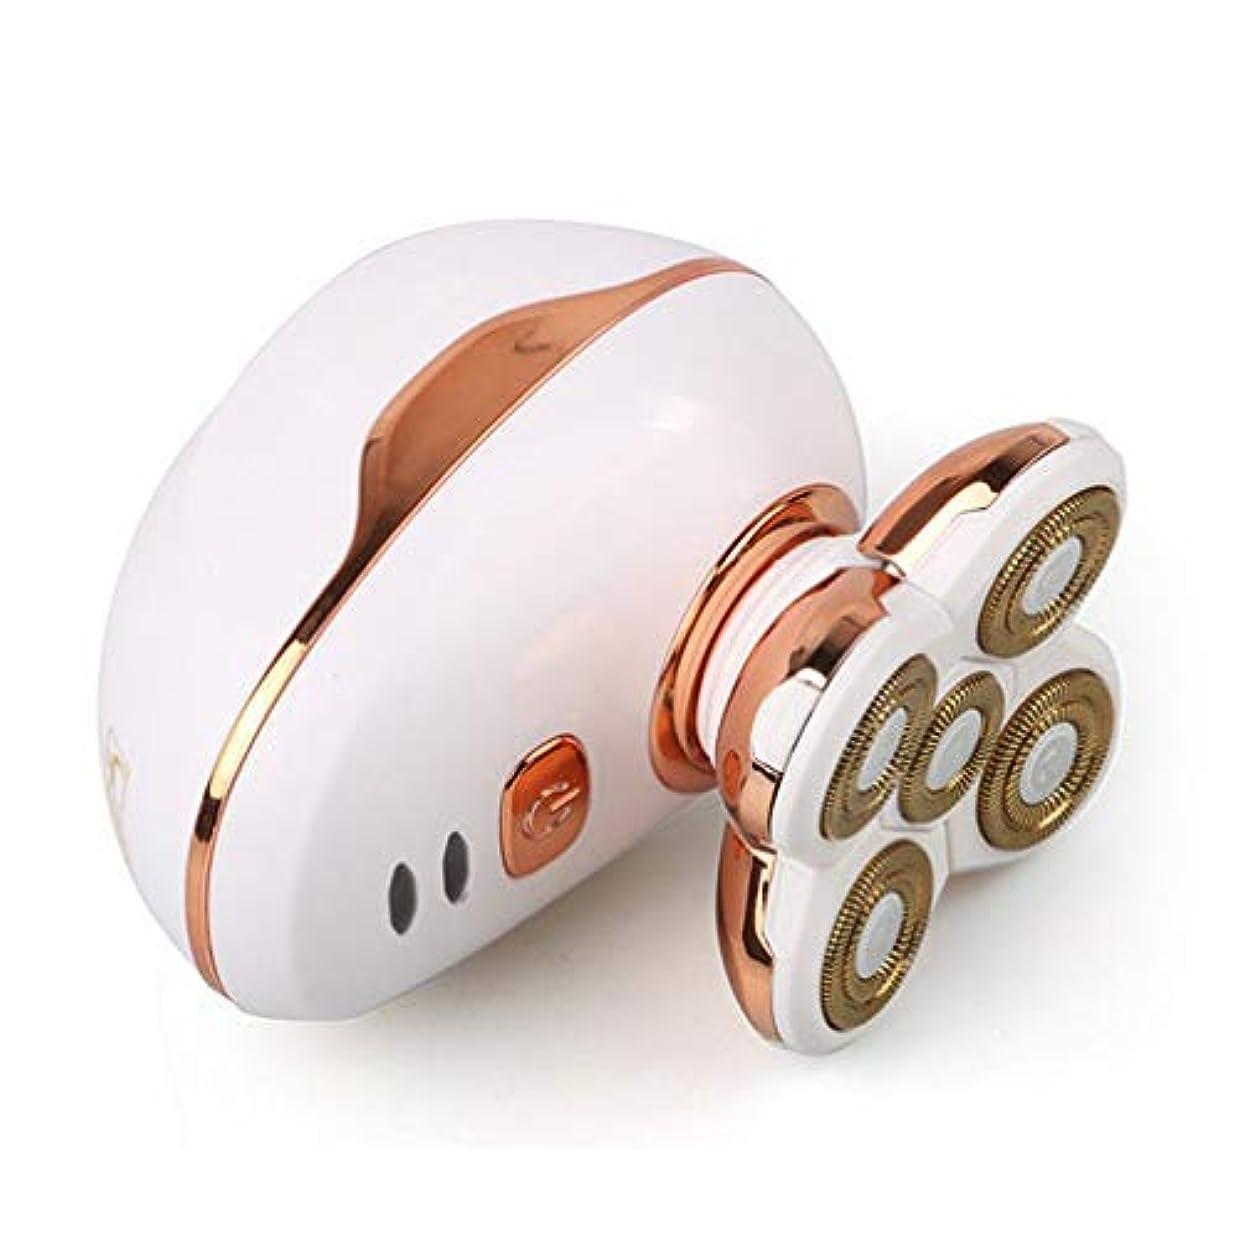 ミニチュア通信するはっきりと耐久性のある一般的な5頭防水シェービング刃カミソリ電気シェーバー用USB充電式ウェットドライポータブル